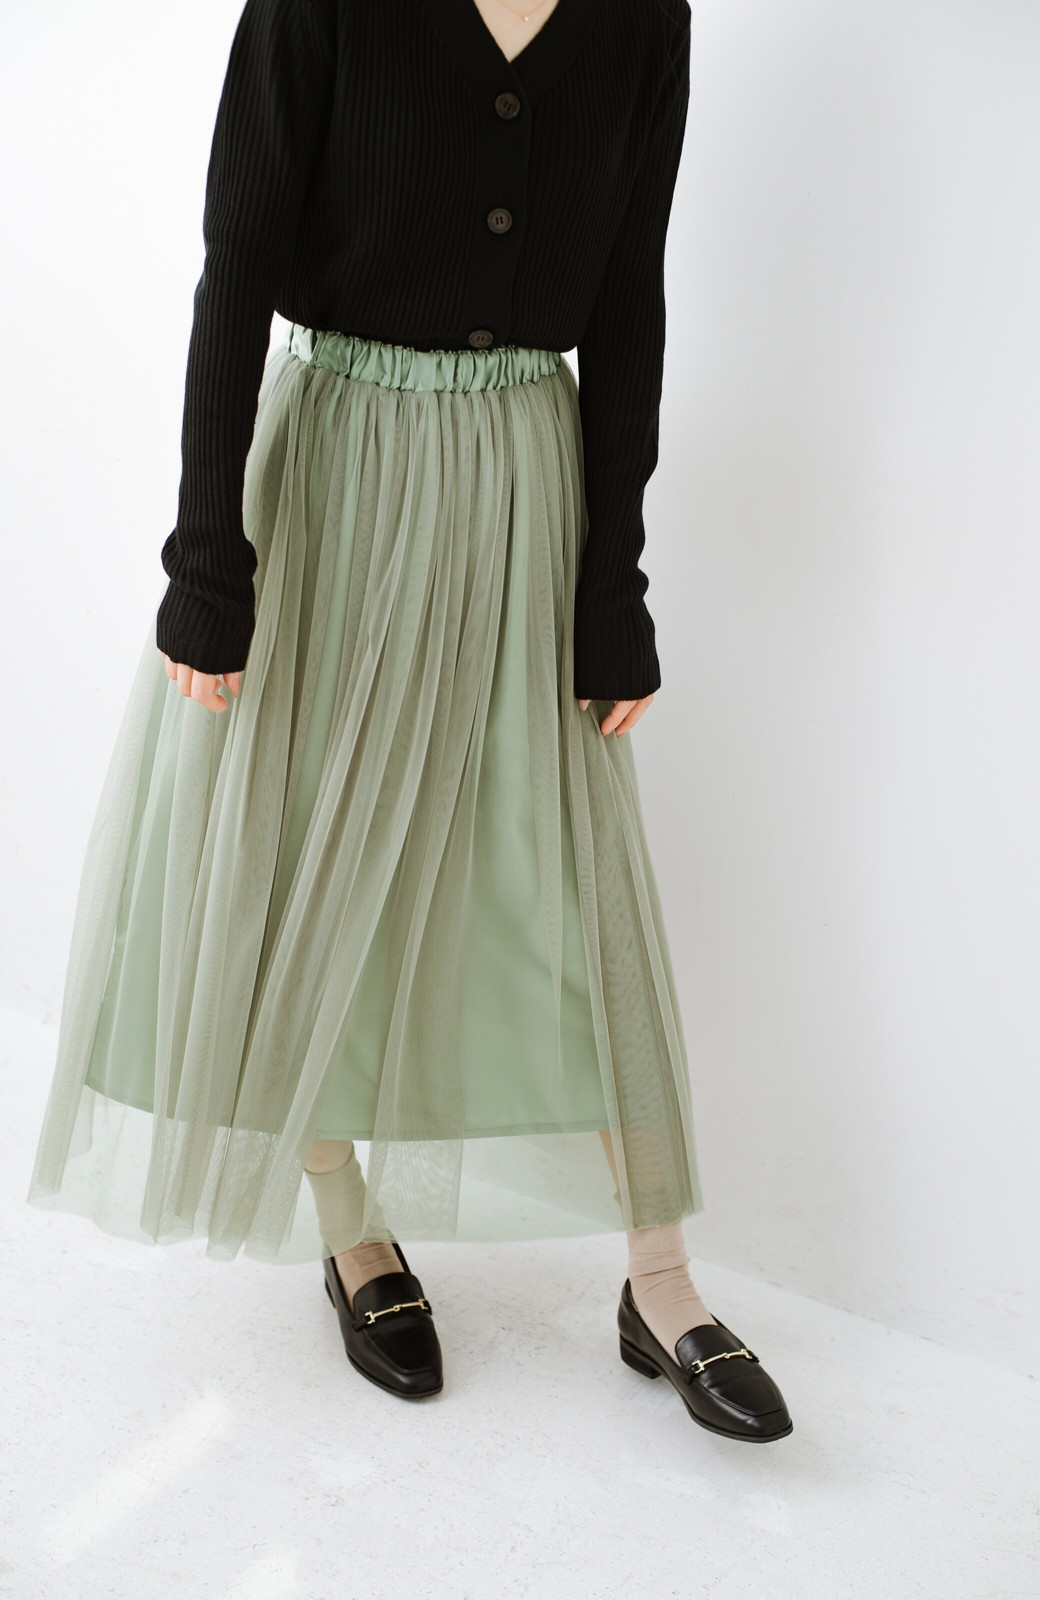 haco! 着るだけでルンとした気分になる! 長ーーい季節着られてずっと使えるオトナのためのチュールスカート <グリーン>の商品写真8